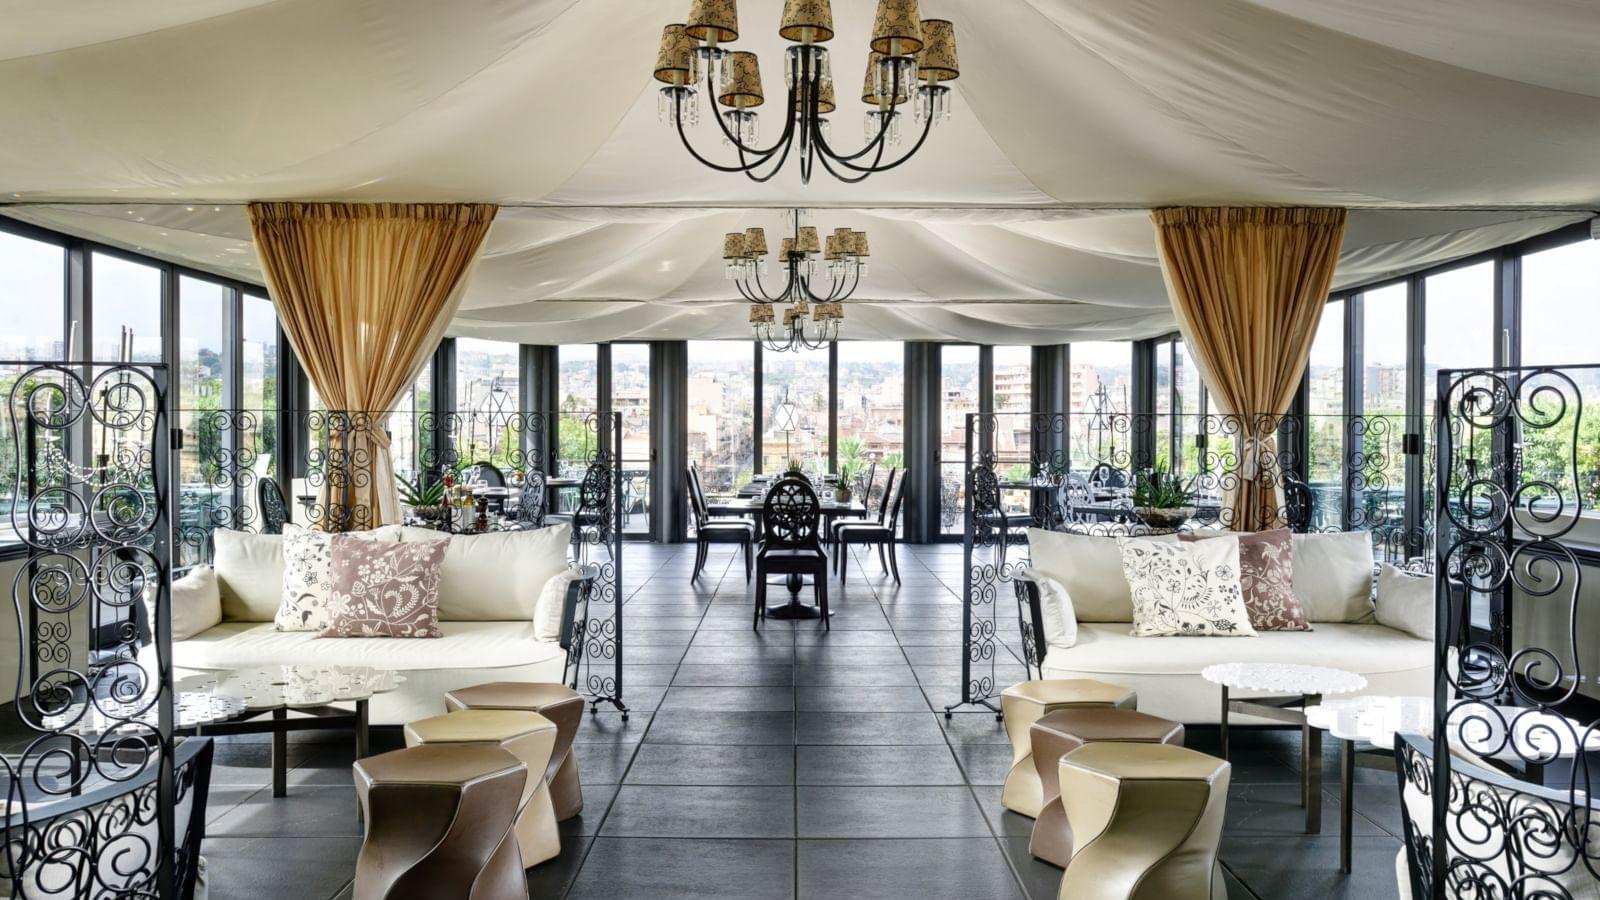 Ristorante a Catania: Etnea Roof Bar & Restaurant by